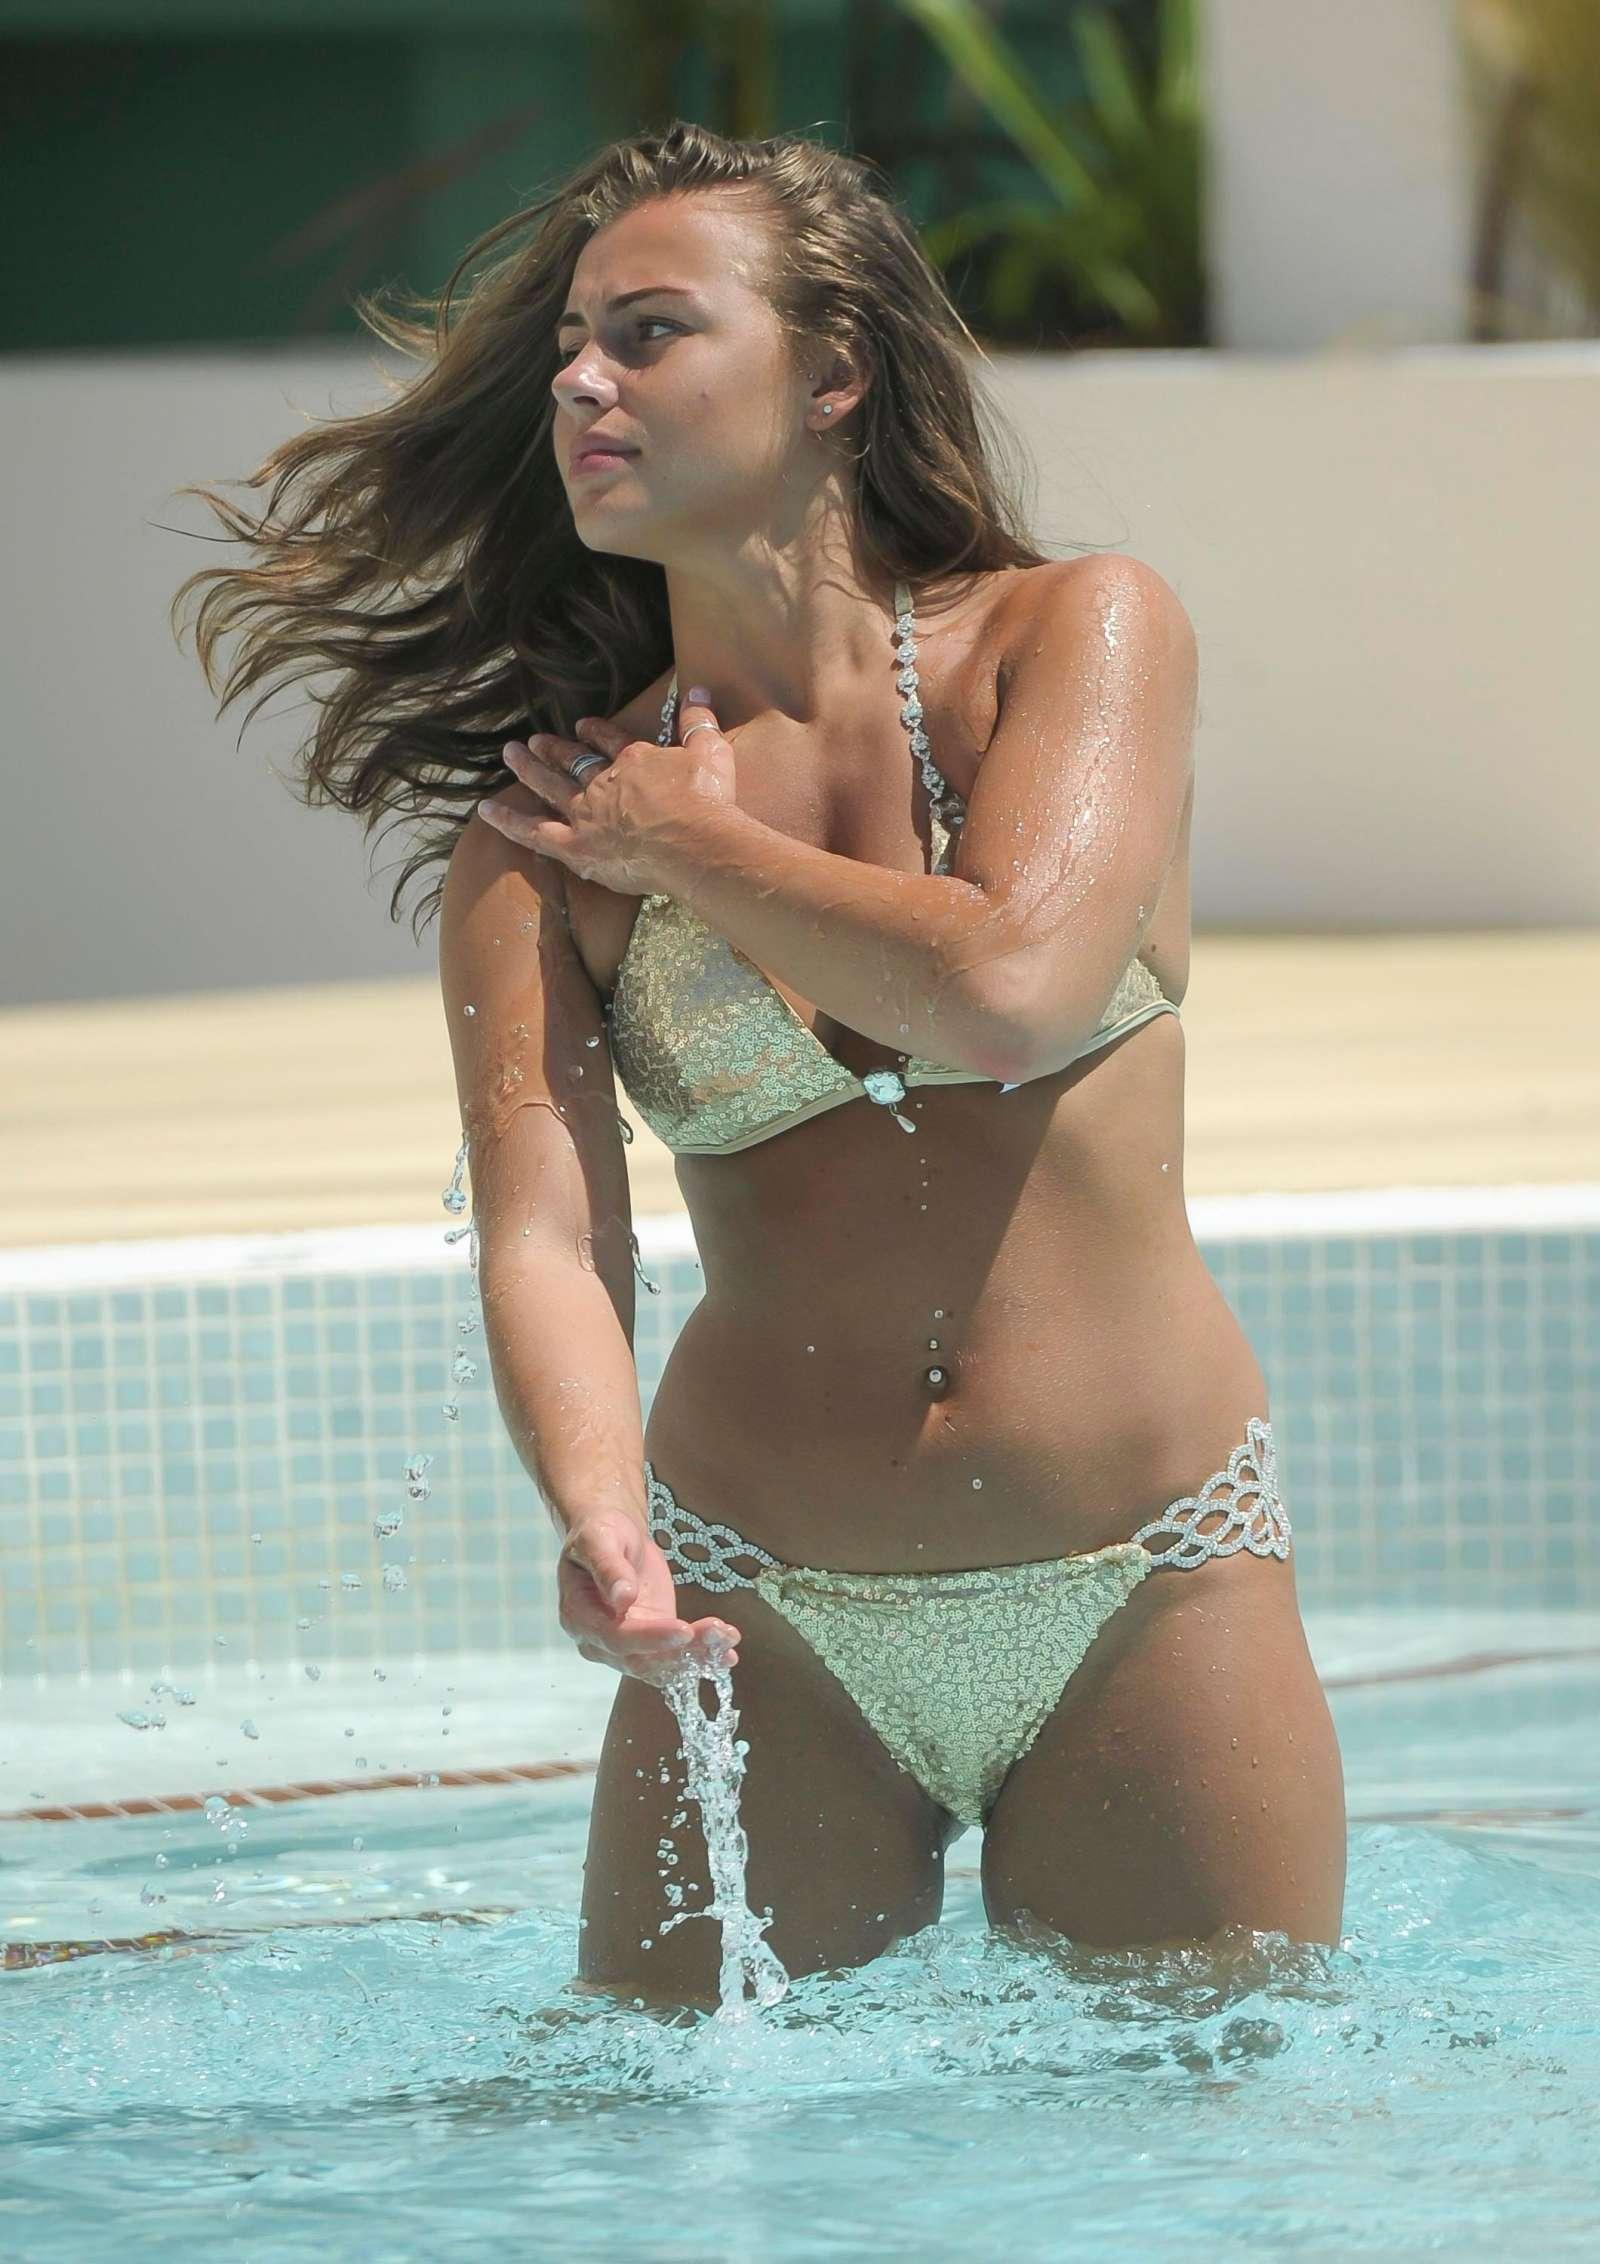 Ashleigh defty bikini